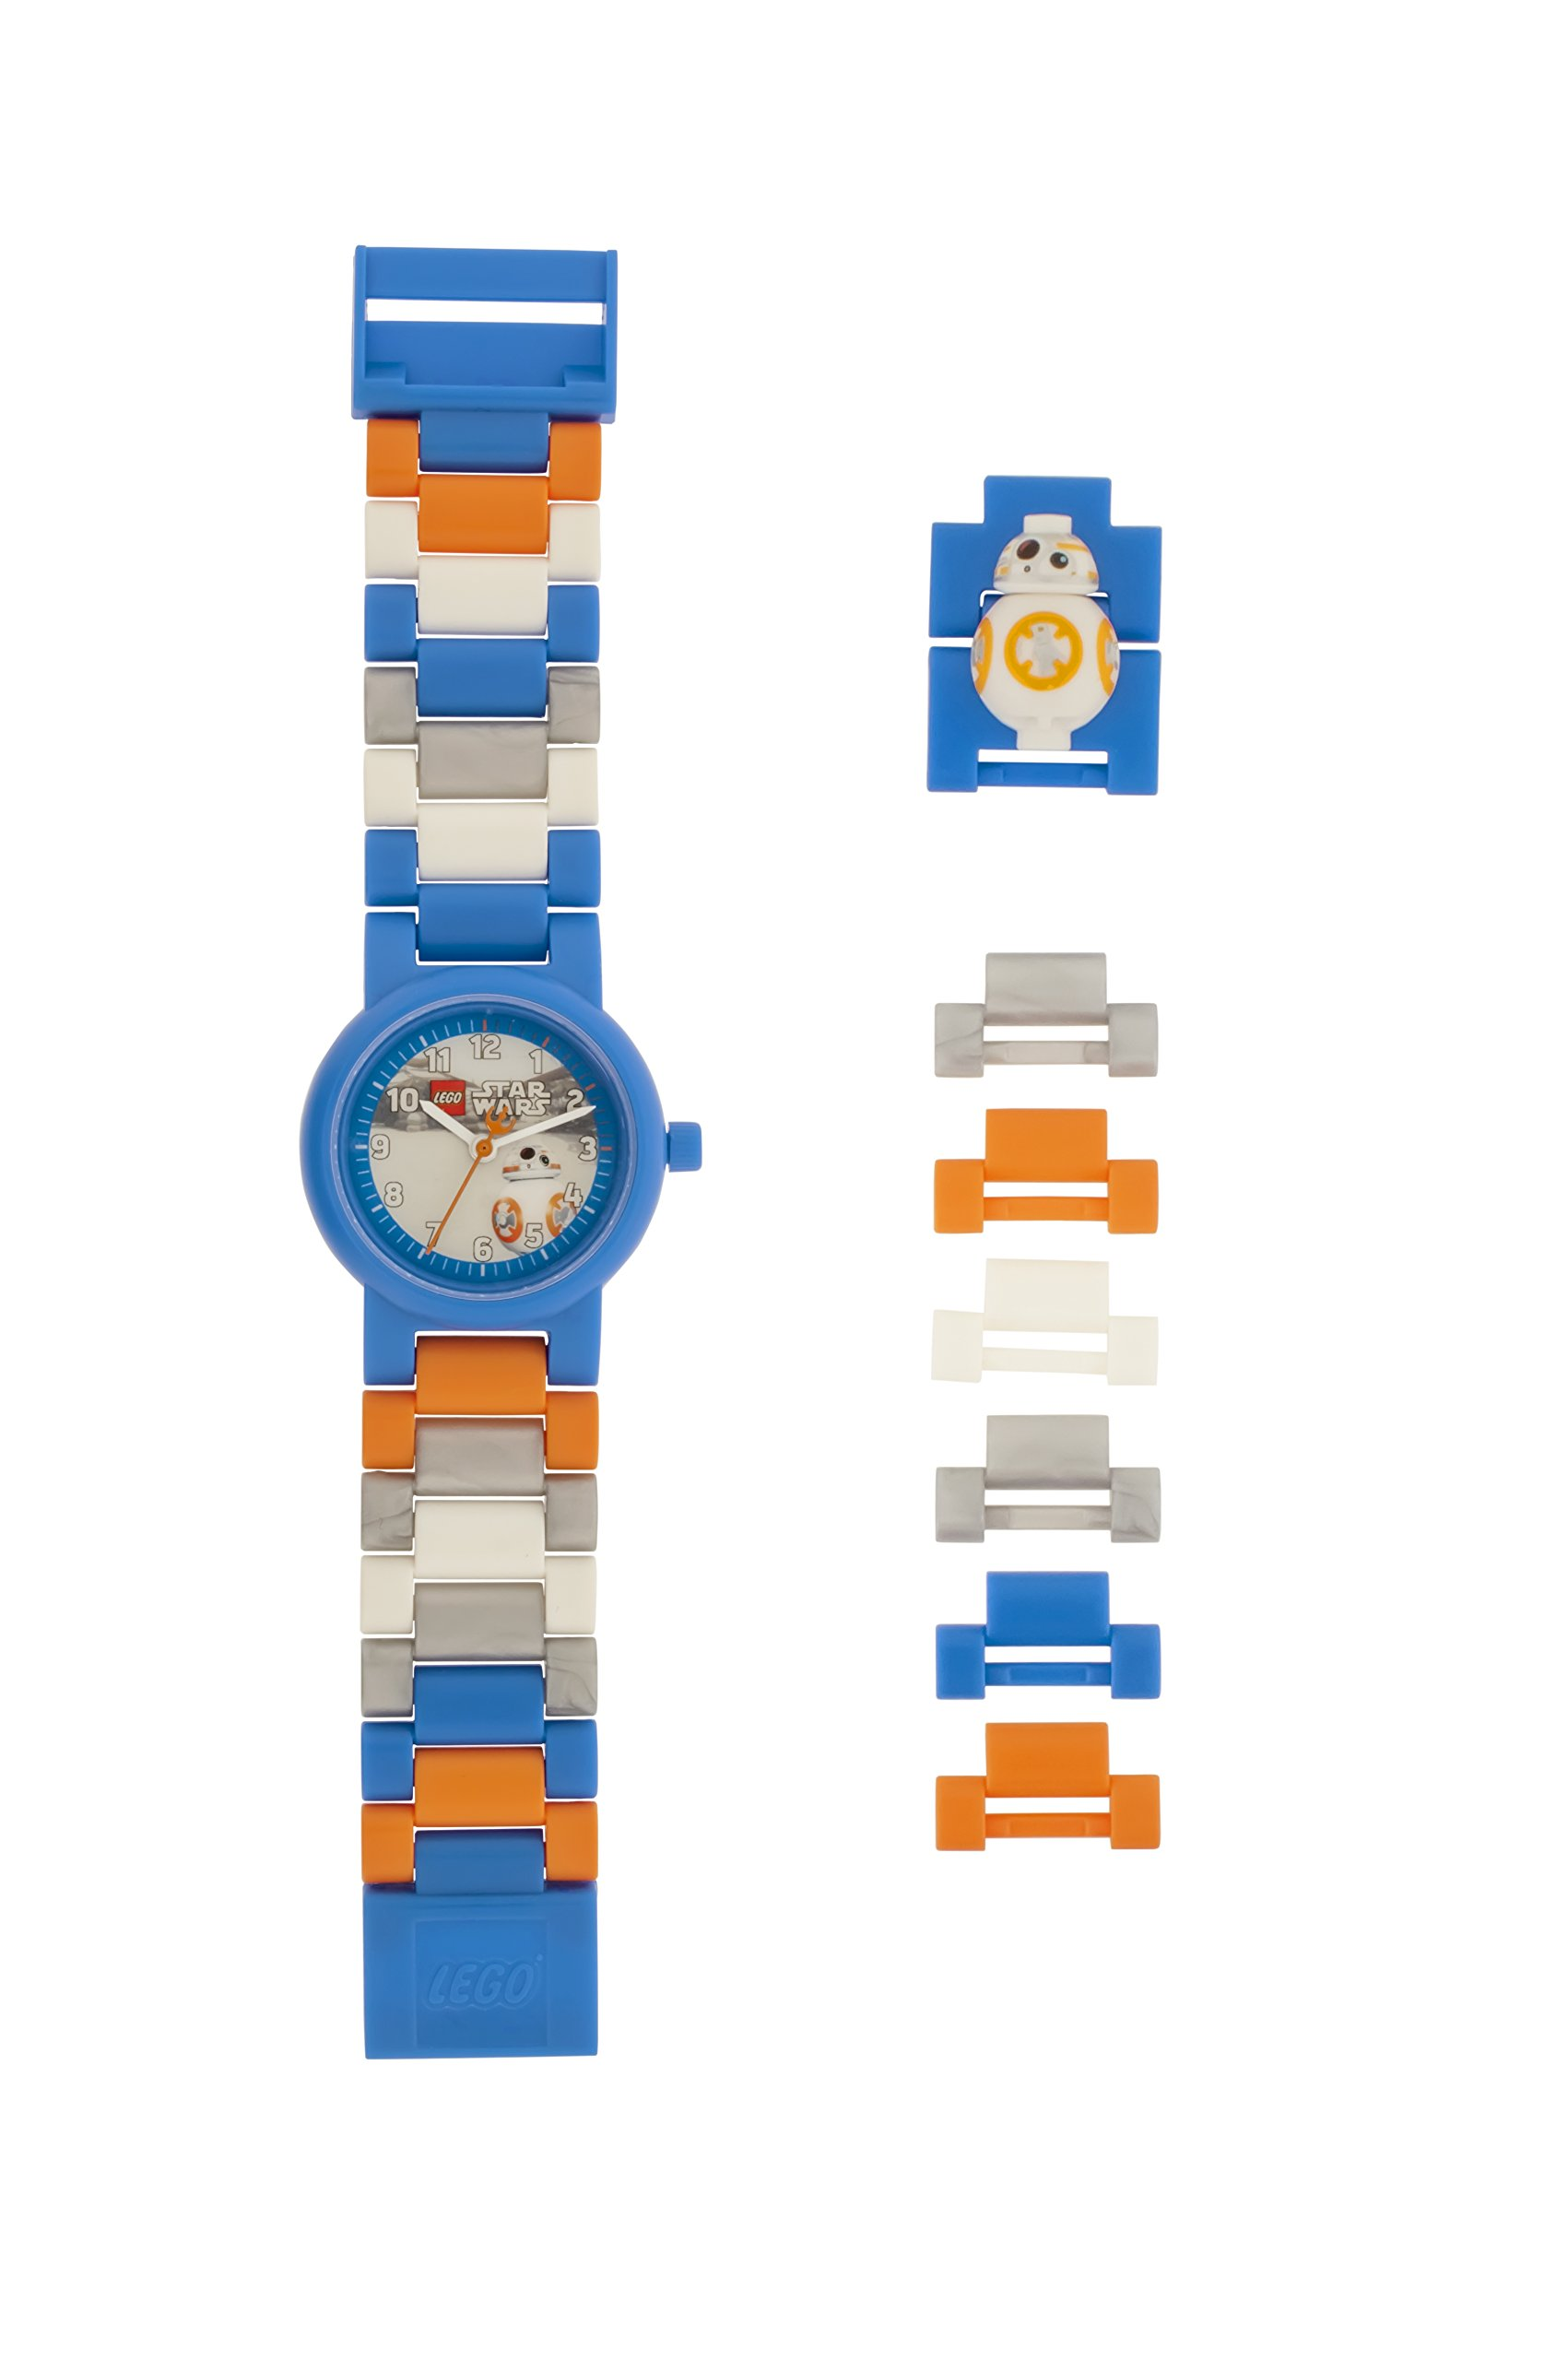 LEGO Star Wars 8020929 BB-8 Kinder-Armbanduhr mit Minifigur und Gliederarmband zum Zusammenbauen , blau/orange, Kunststoff ,Gehäusedurchmesser 25mm, analoge Quarzuhr , Junge/ Mädchen , offiziell